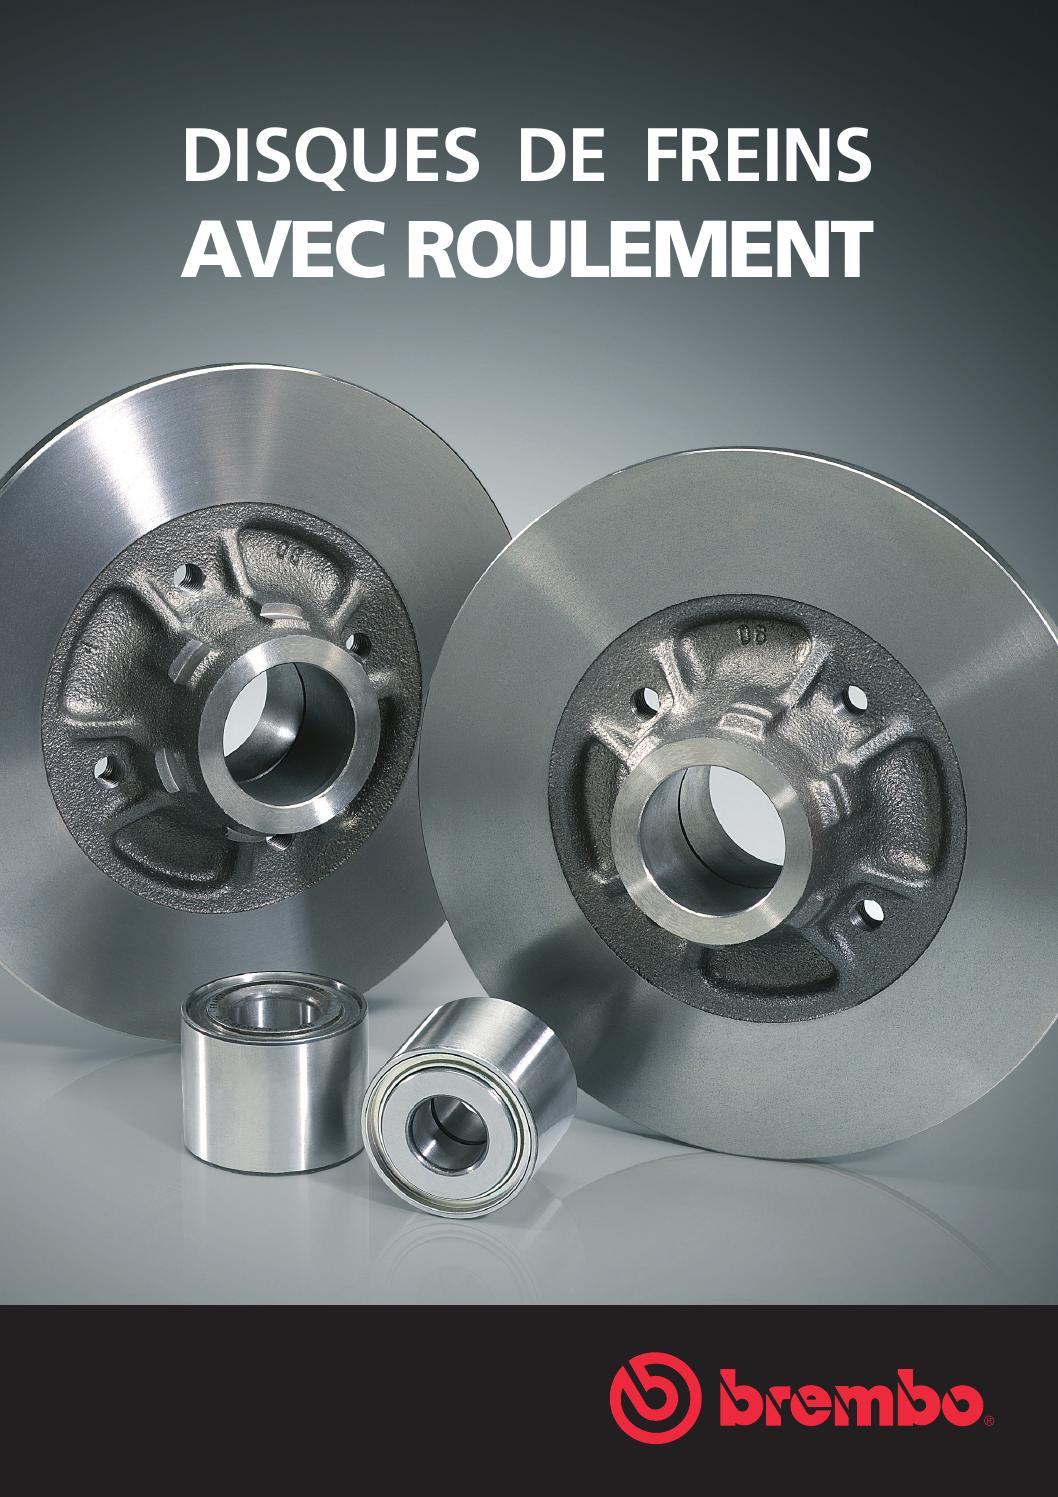 PEUGEOT 308 Arrière 1 seul disque de frein montés Roue Roulement /& ABS Anneau Nouveau